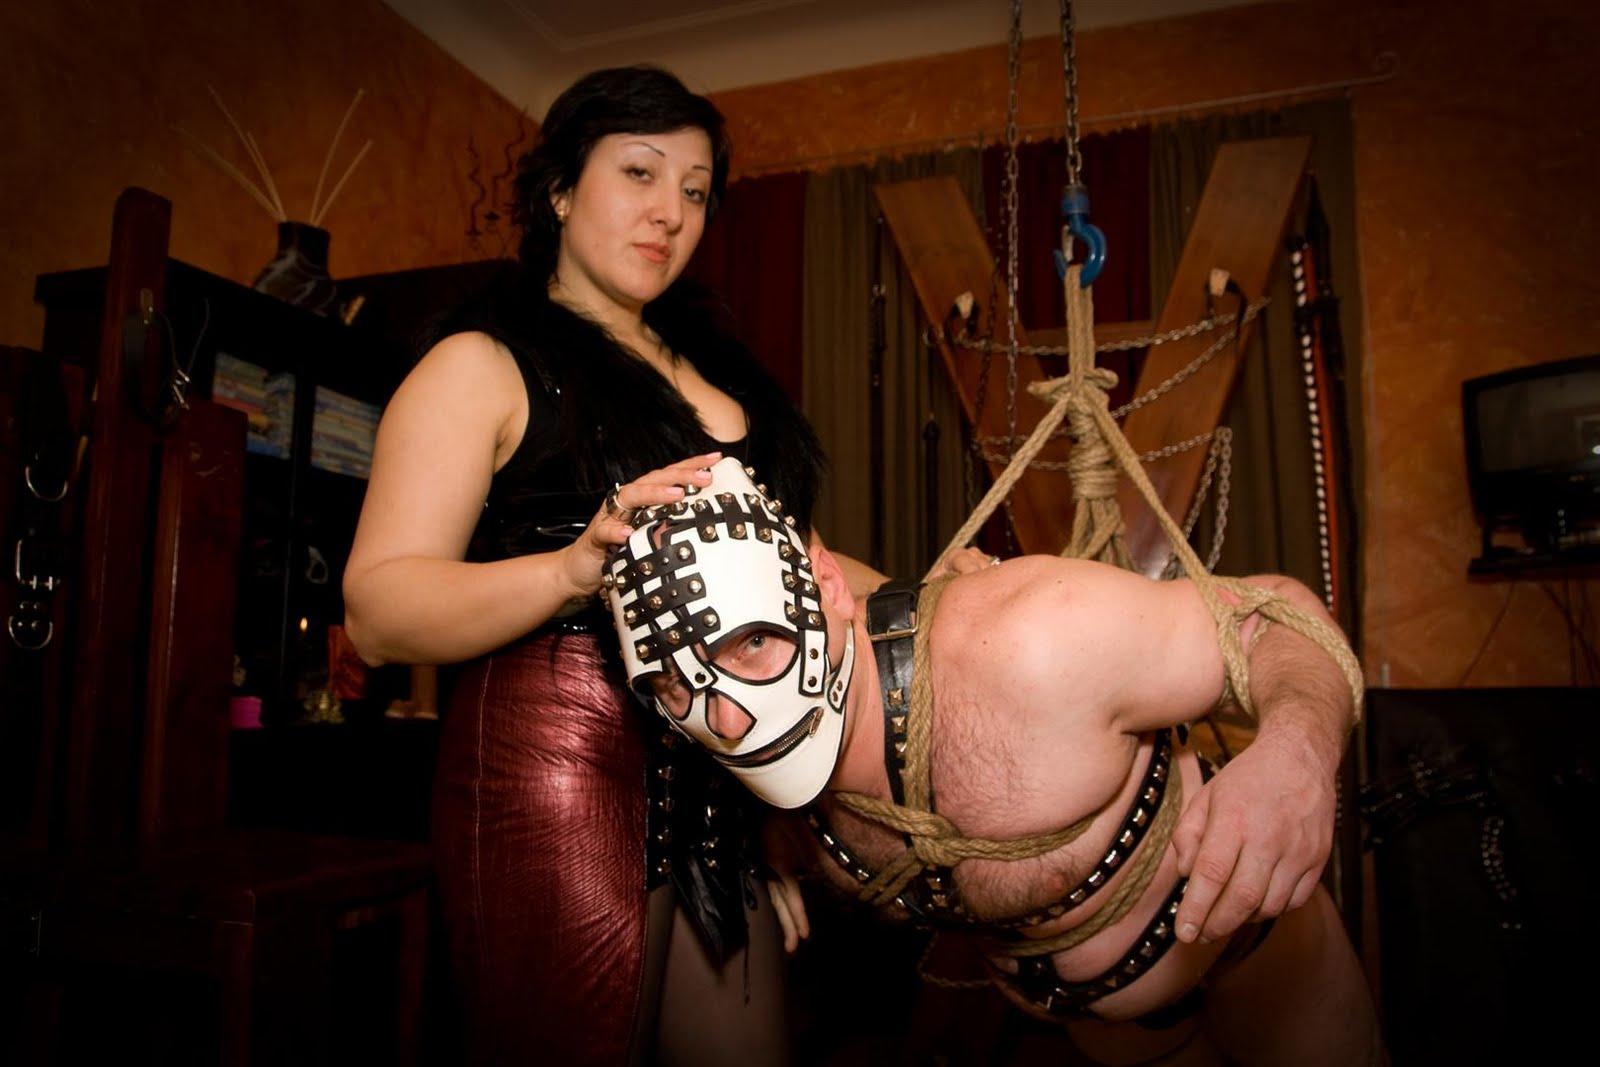 БДСМ игры госпожи и её рабов порно фото бесплатно